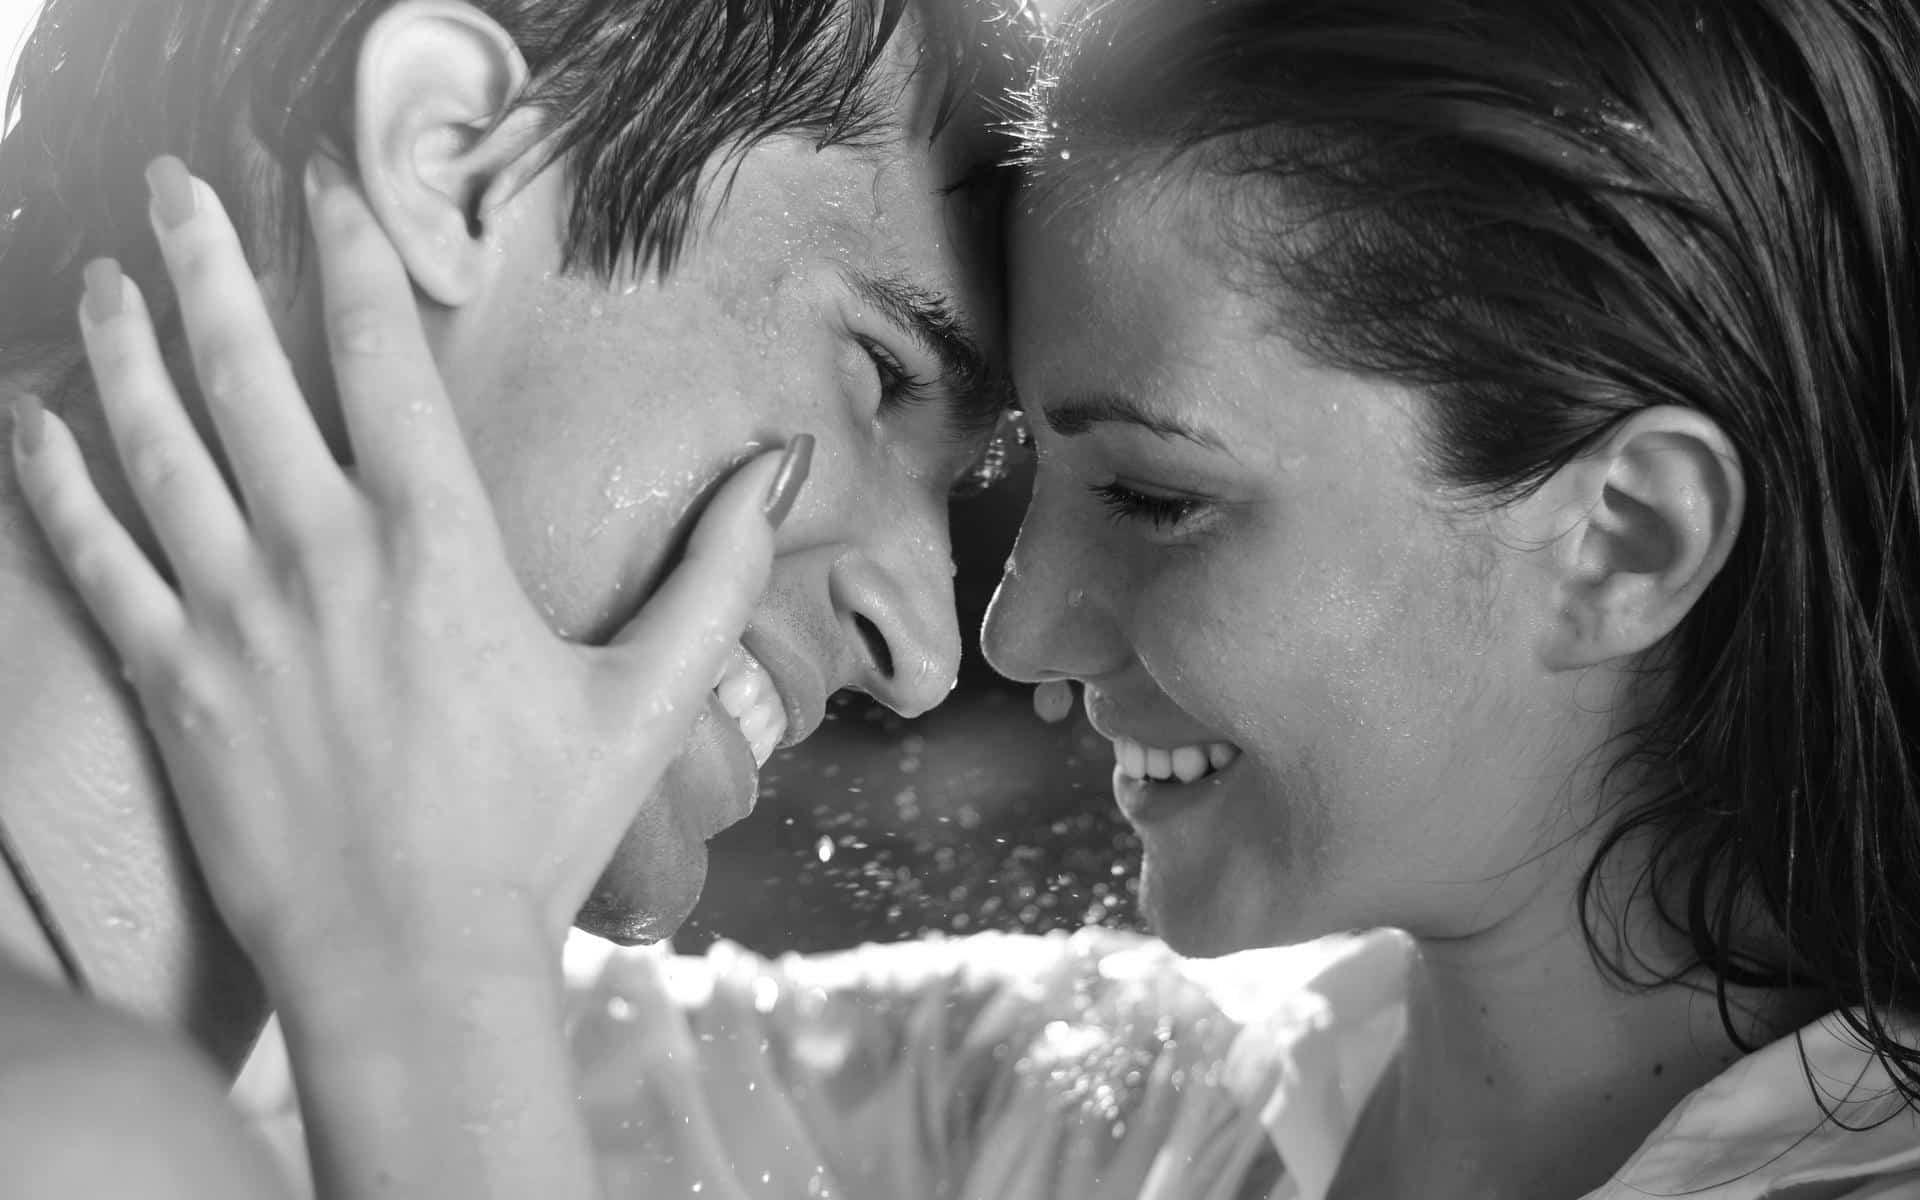 Rencontre libertine : ça vous dirait de passer une nuit très sensuelle ?